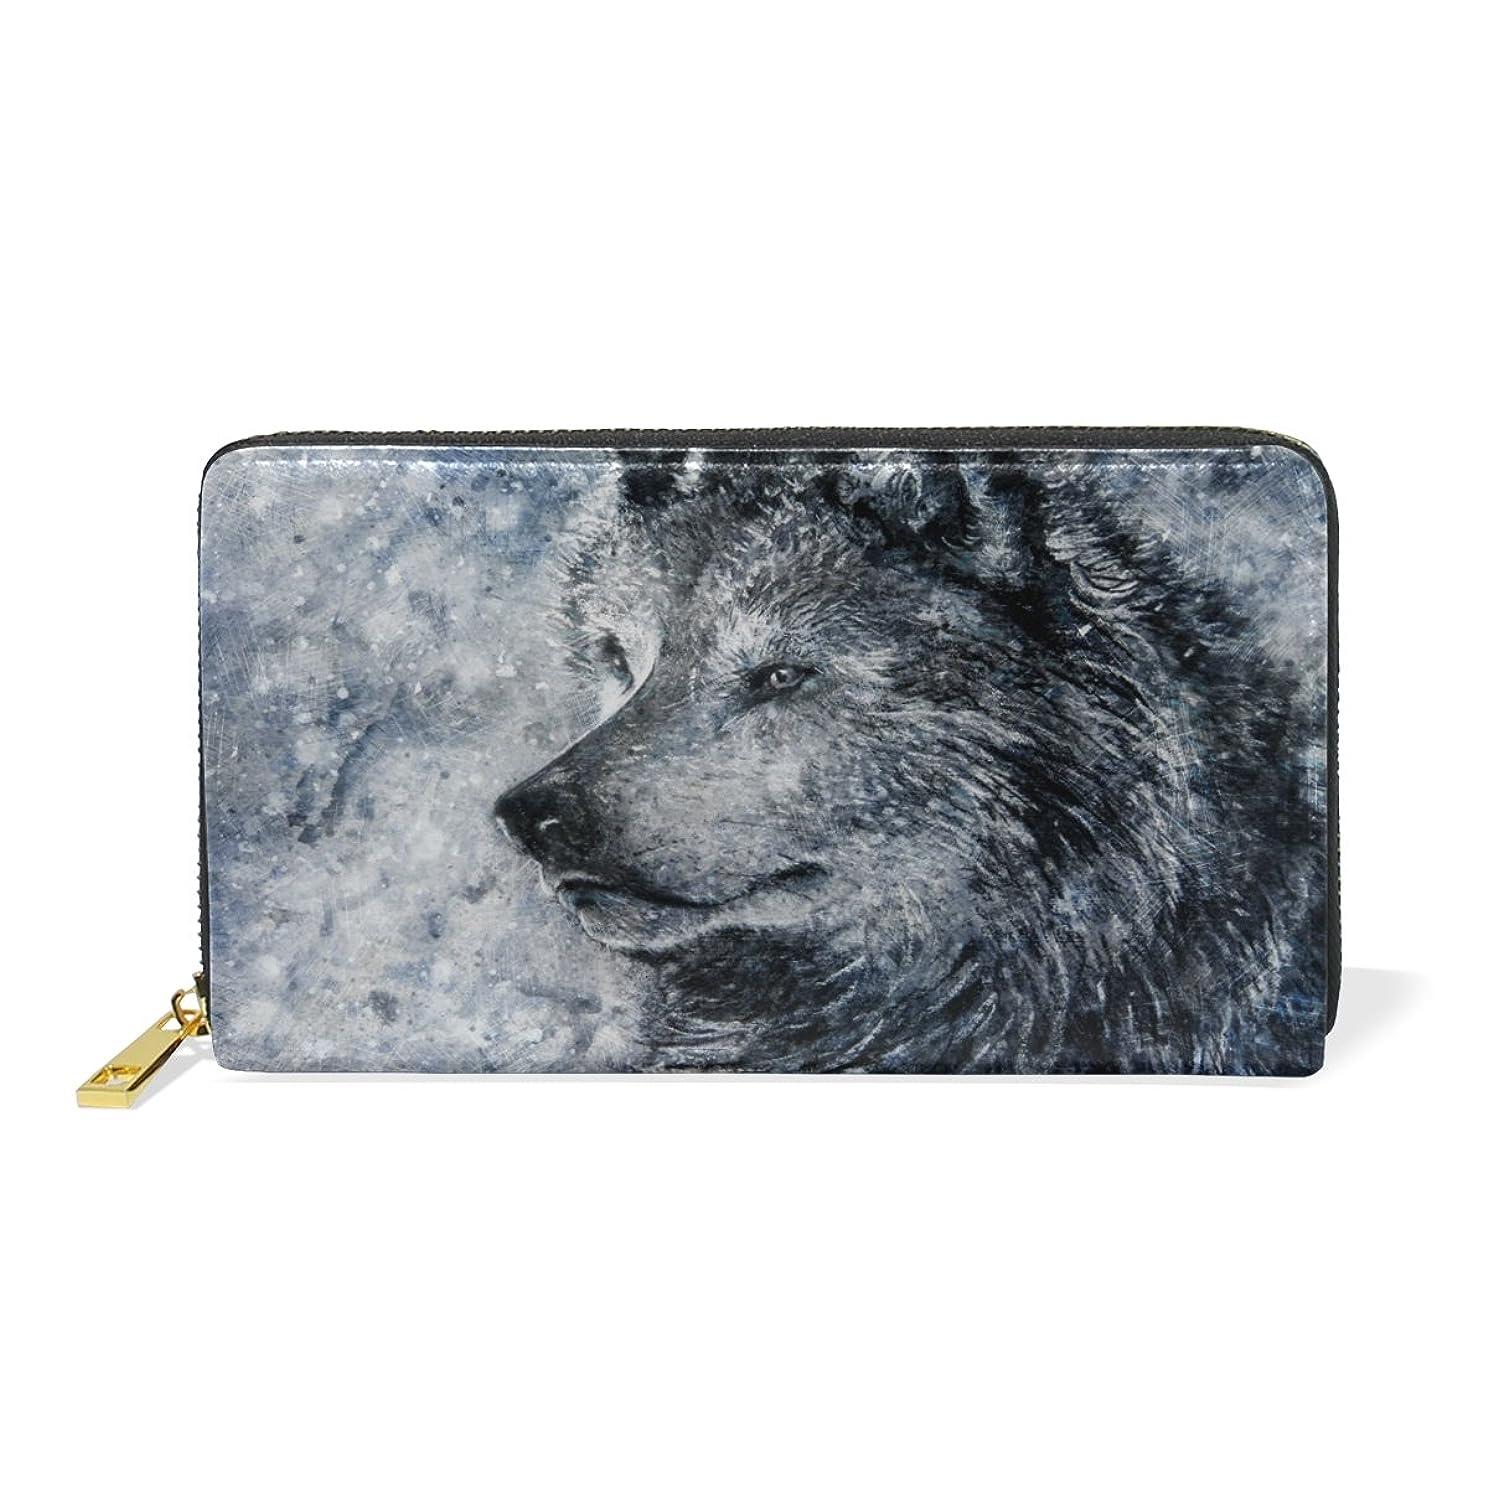 製造後立証するAOMOKI 財布 長財布 本革 大容量 レディース ラウンドファスナー 通学 通勤 狼